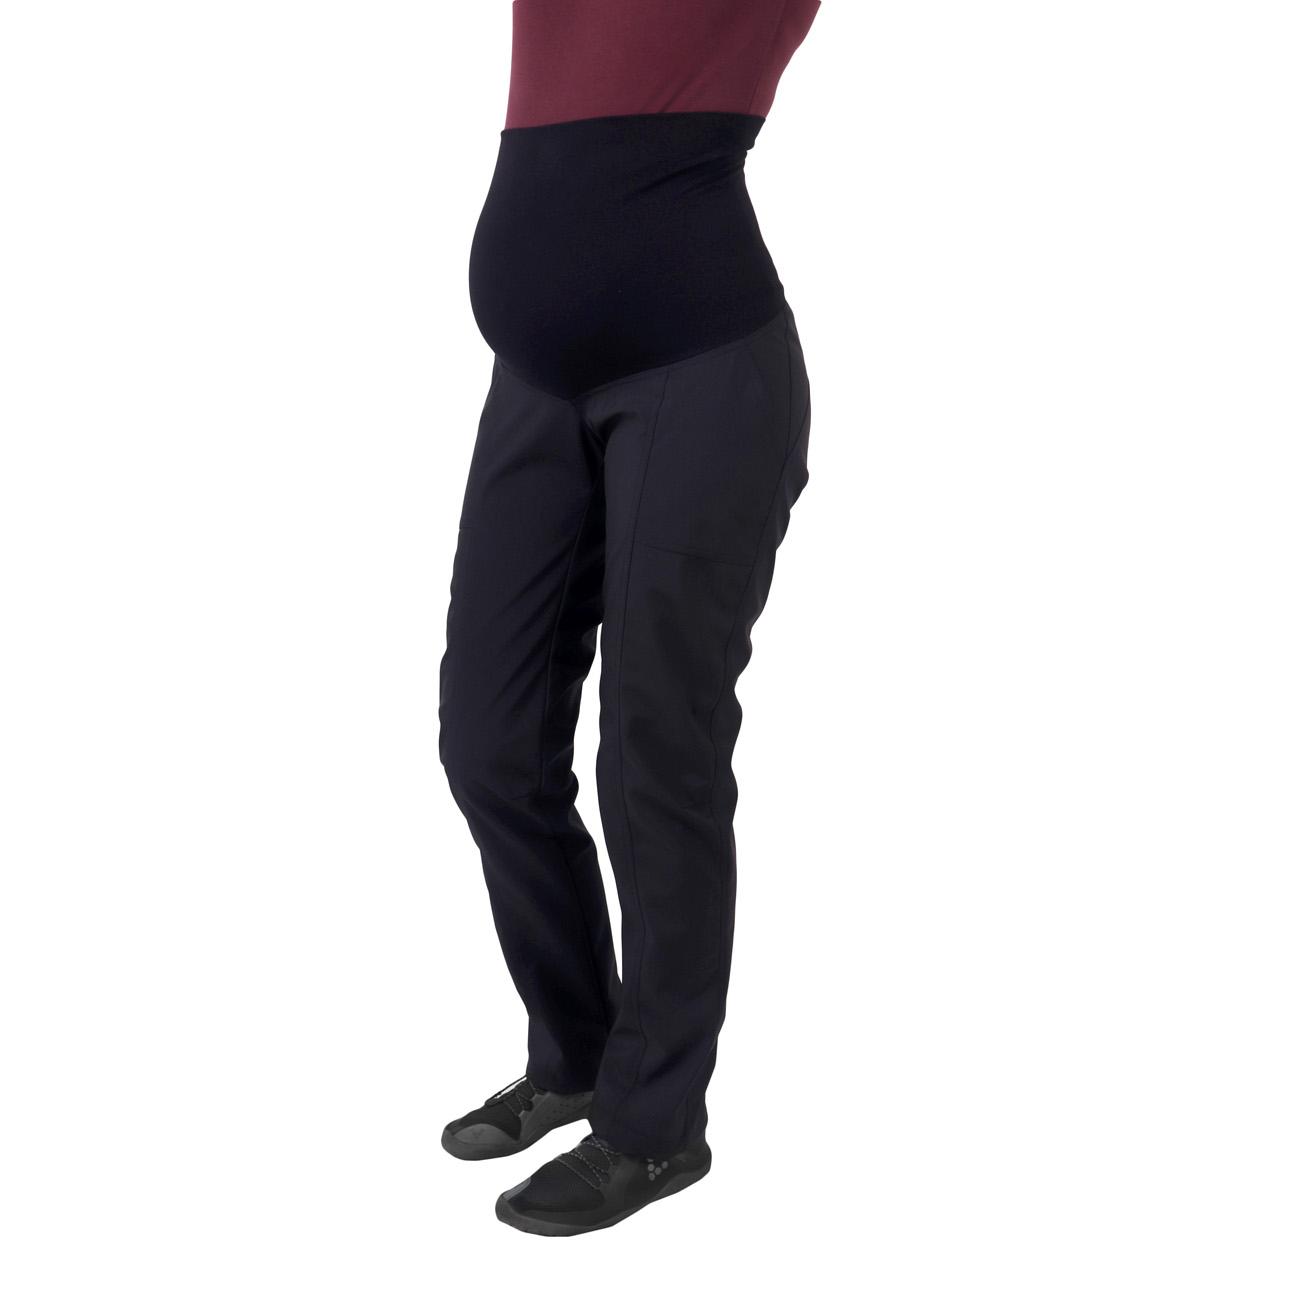 Jarní/letní těhotenské softshellové kalhoty liva, černé, 36 zkrácená délka